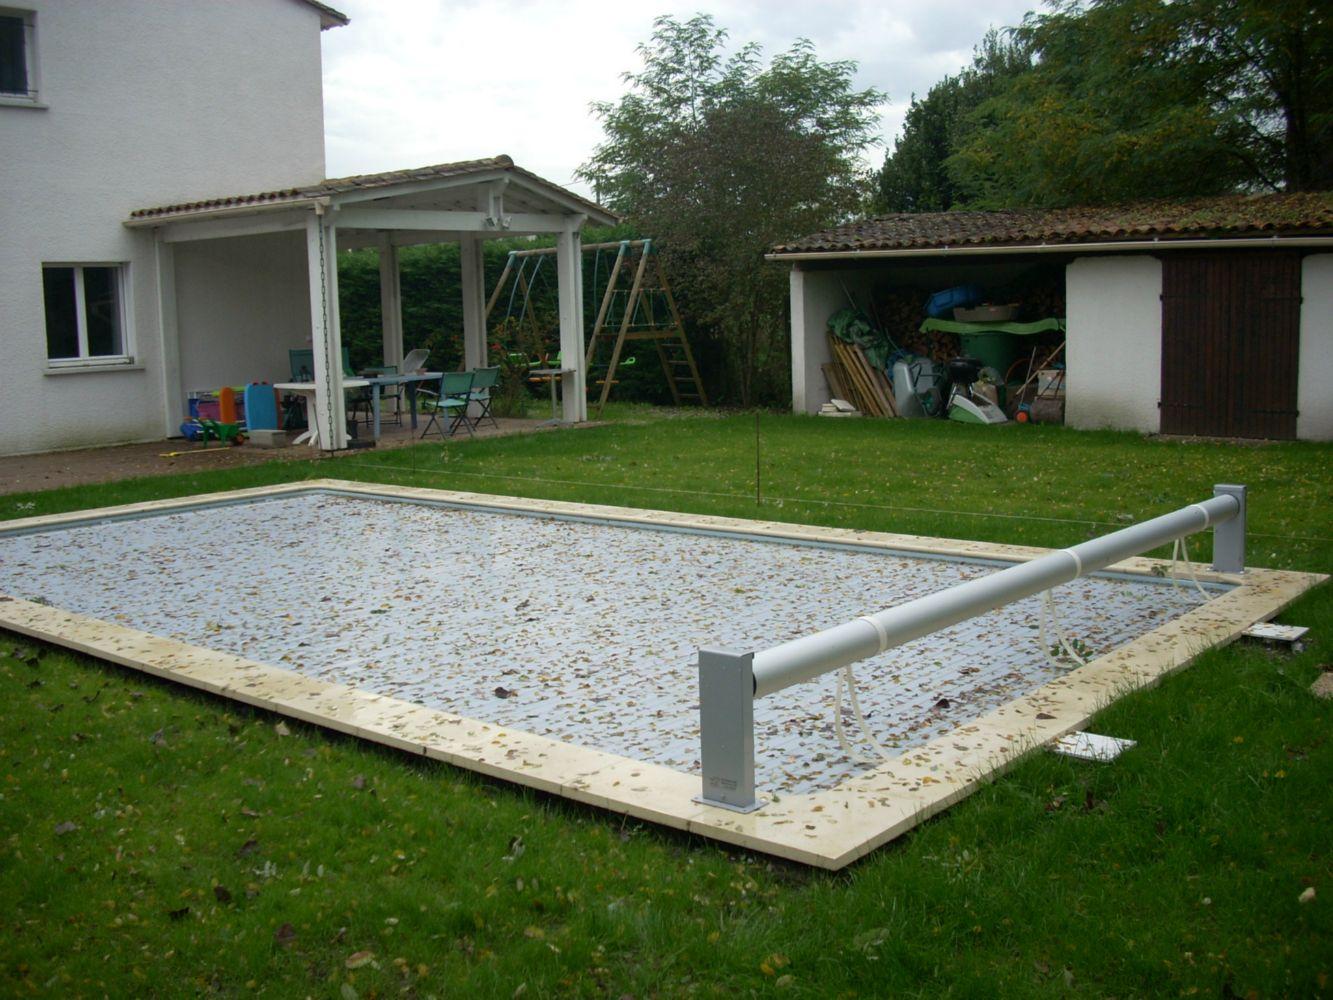 autour piscine un air de mditerranen pour ce jardin autour duune piscine autour piscine son. Black Bedroom Furniture Sets. Home Design Ideas